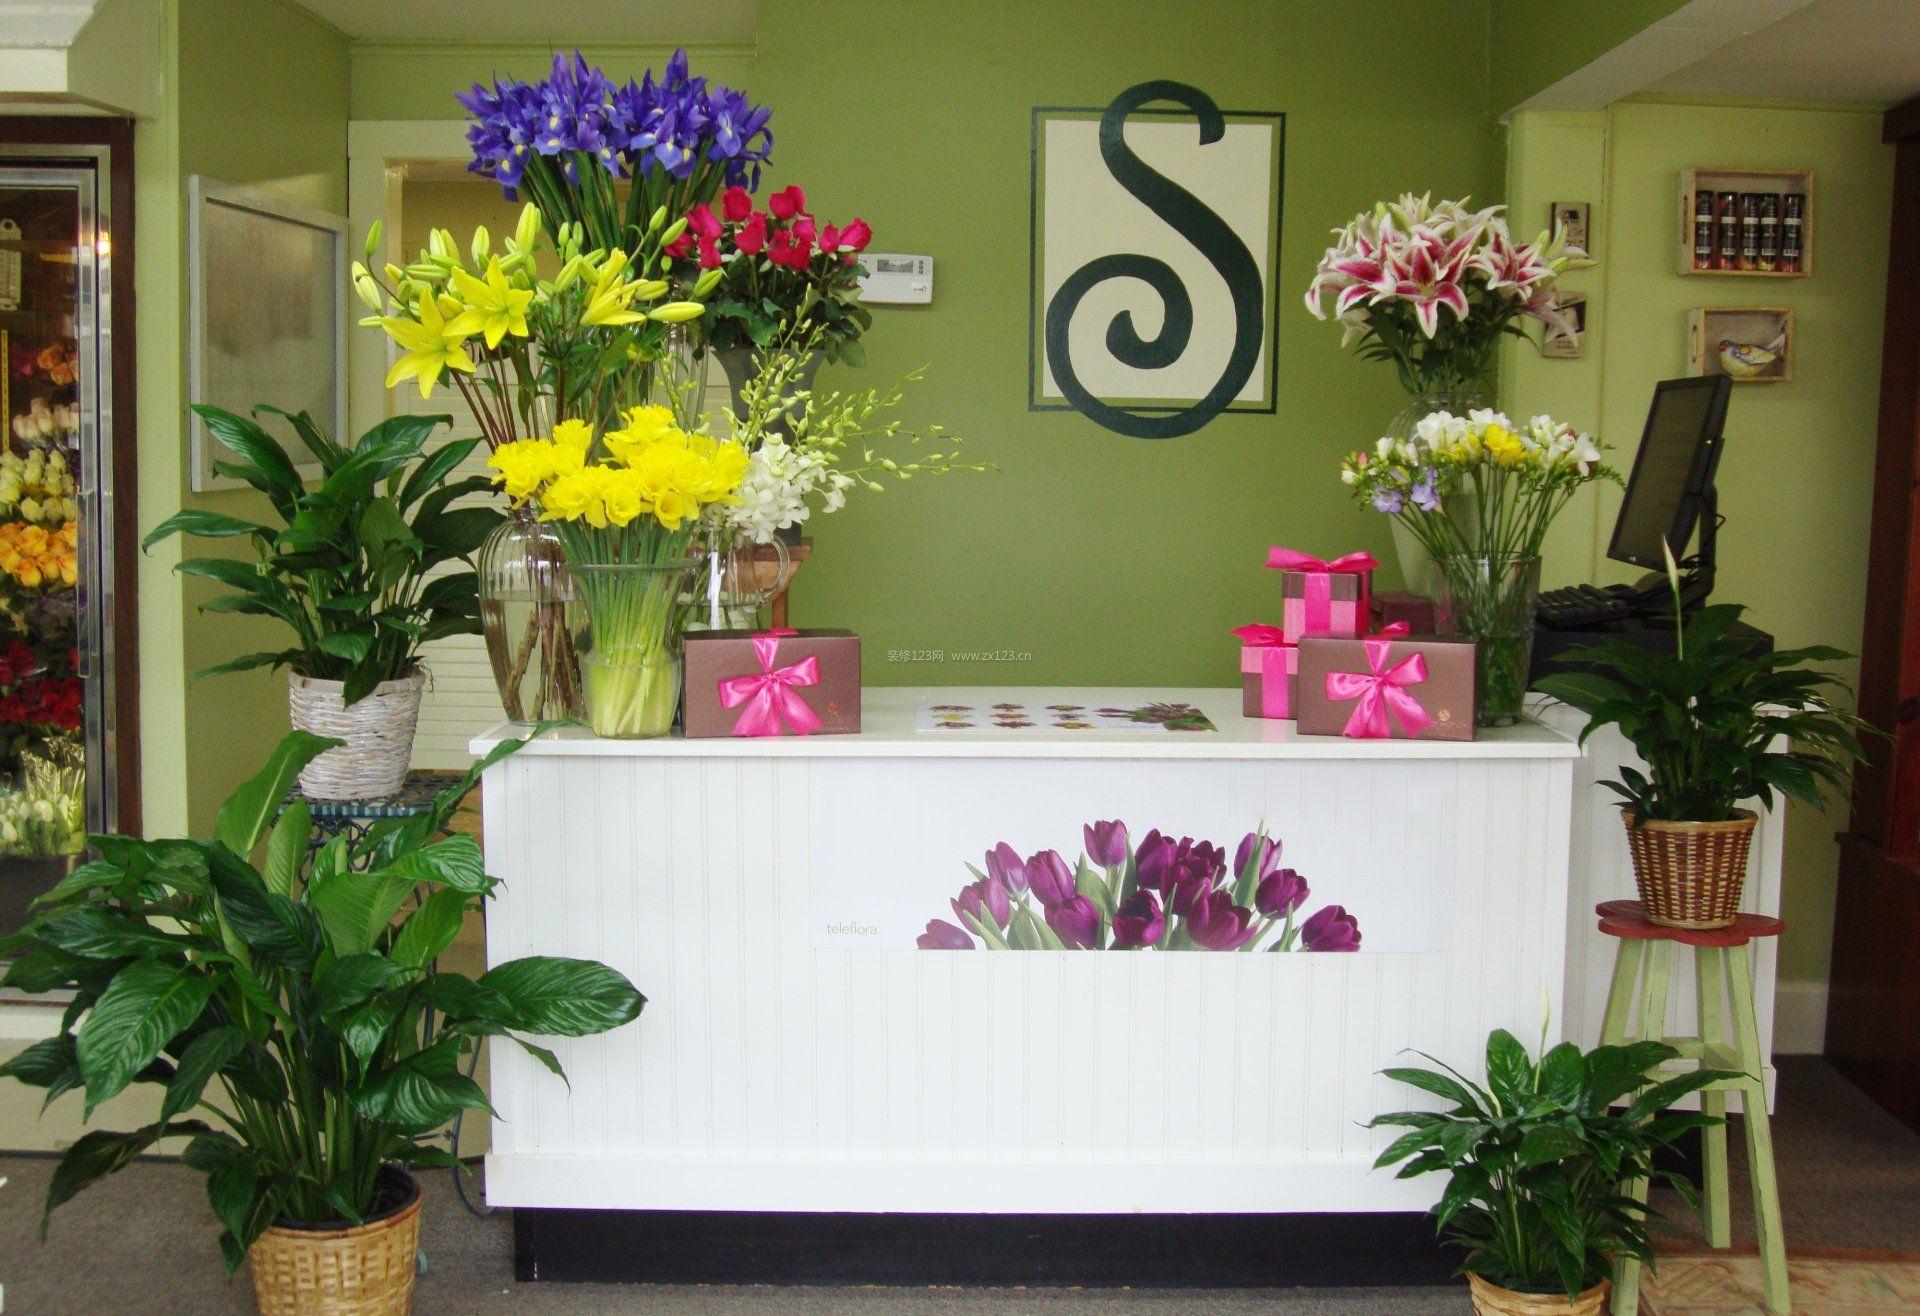 高端花店接待台设计装修效果图片图片